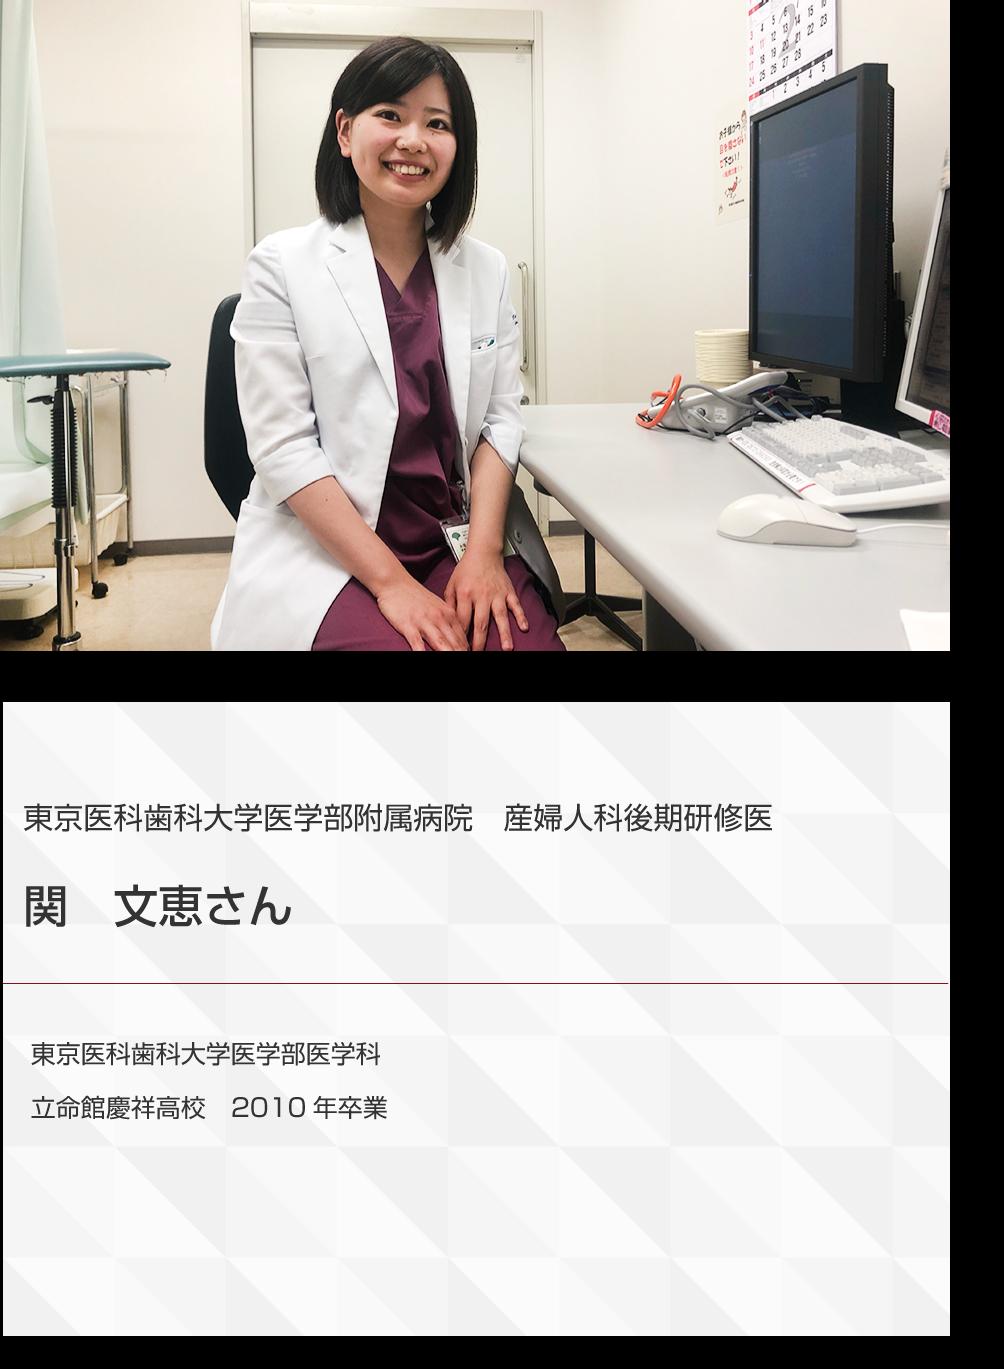 東京医科歯科大学医学部付属医院 産婦人科後期研修医 関 文恵さん